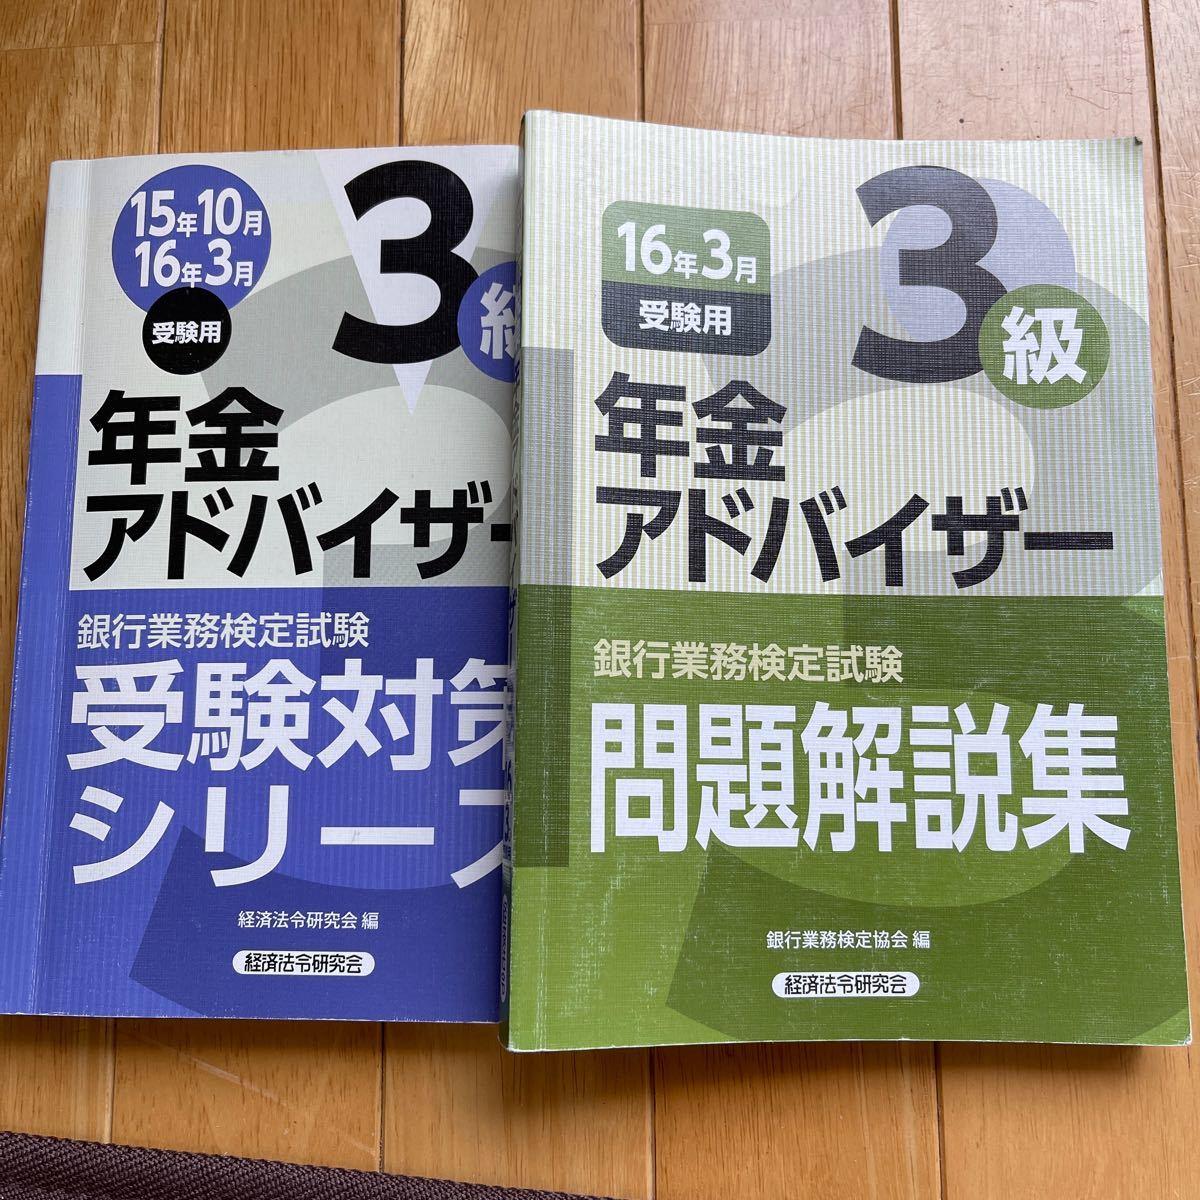 年金アドバイザー3級 (15年10月 16年3月受験用) 銀行業務検定試験受験対策シリーズ/経済法令研究会 (編者)